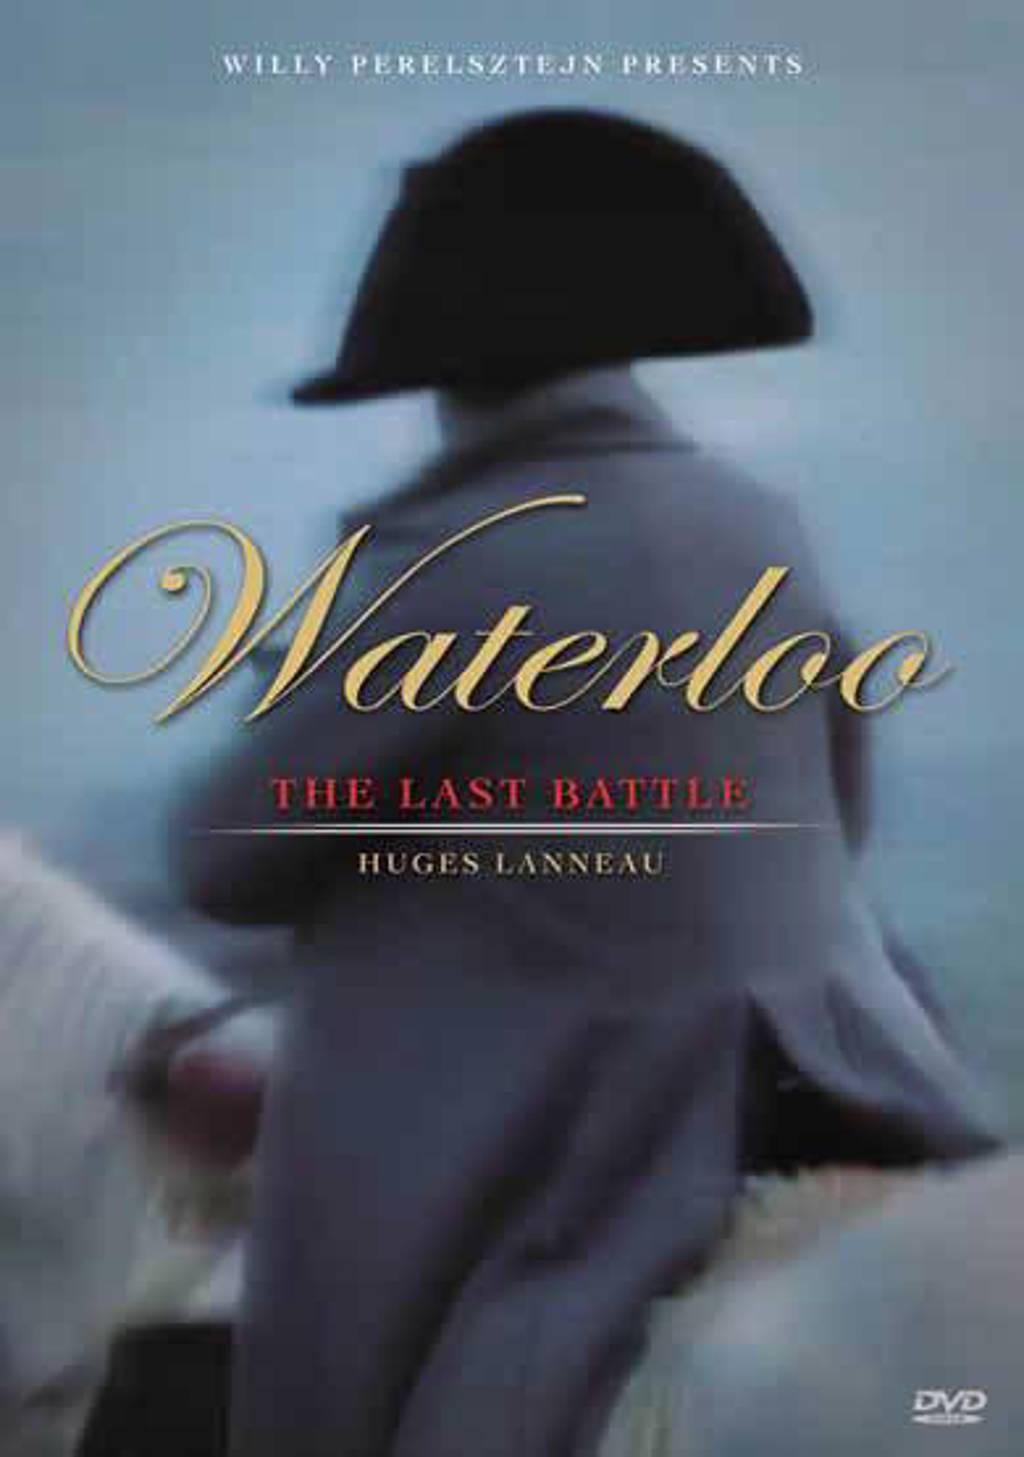 Waterloo - The last battle (DVD)